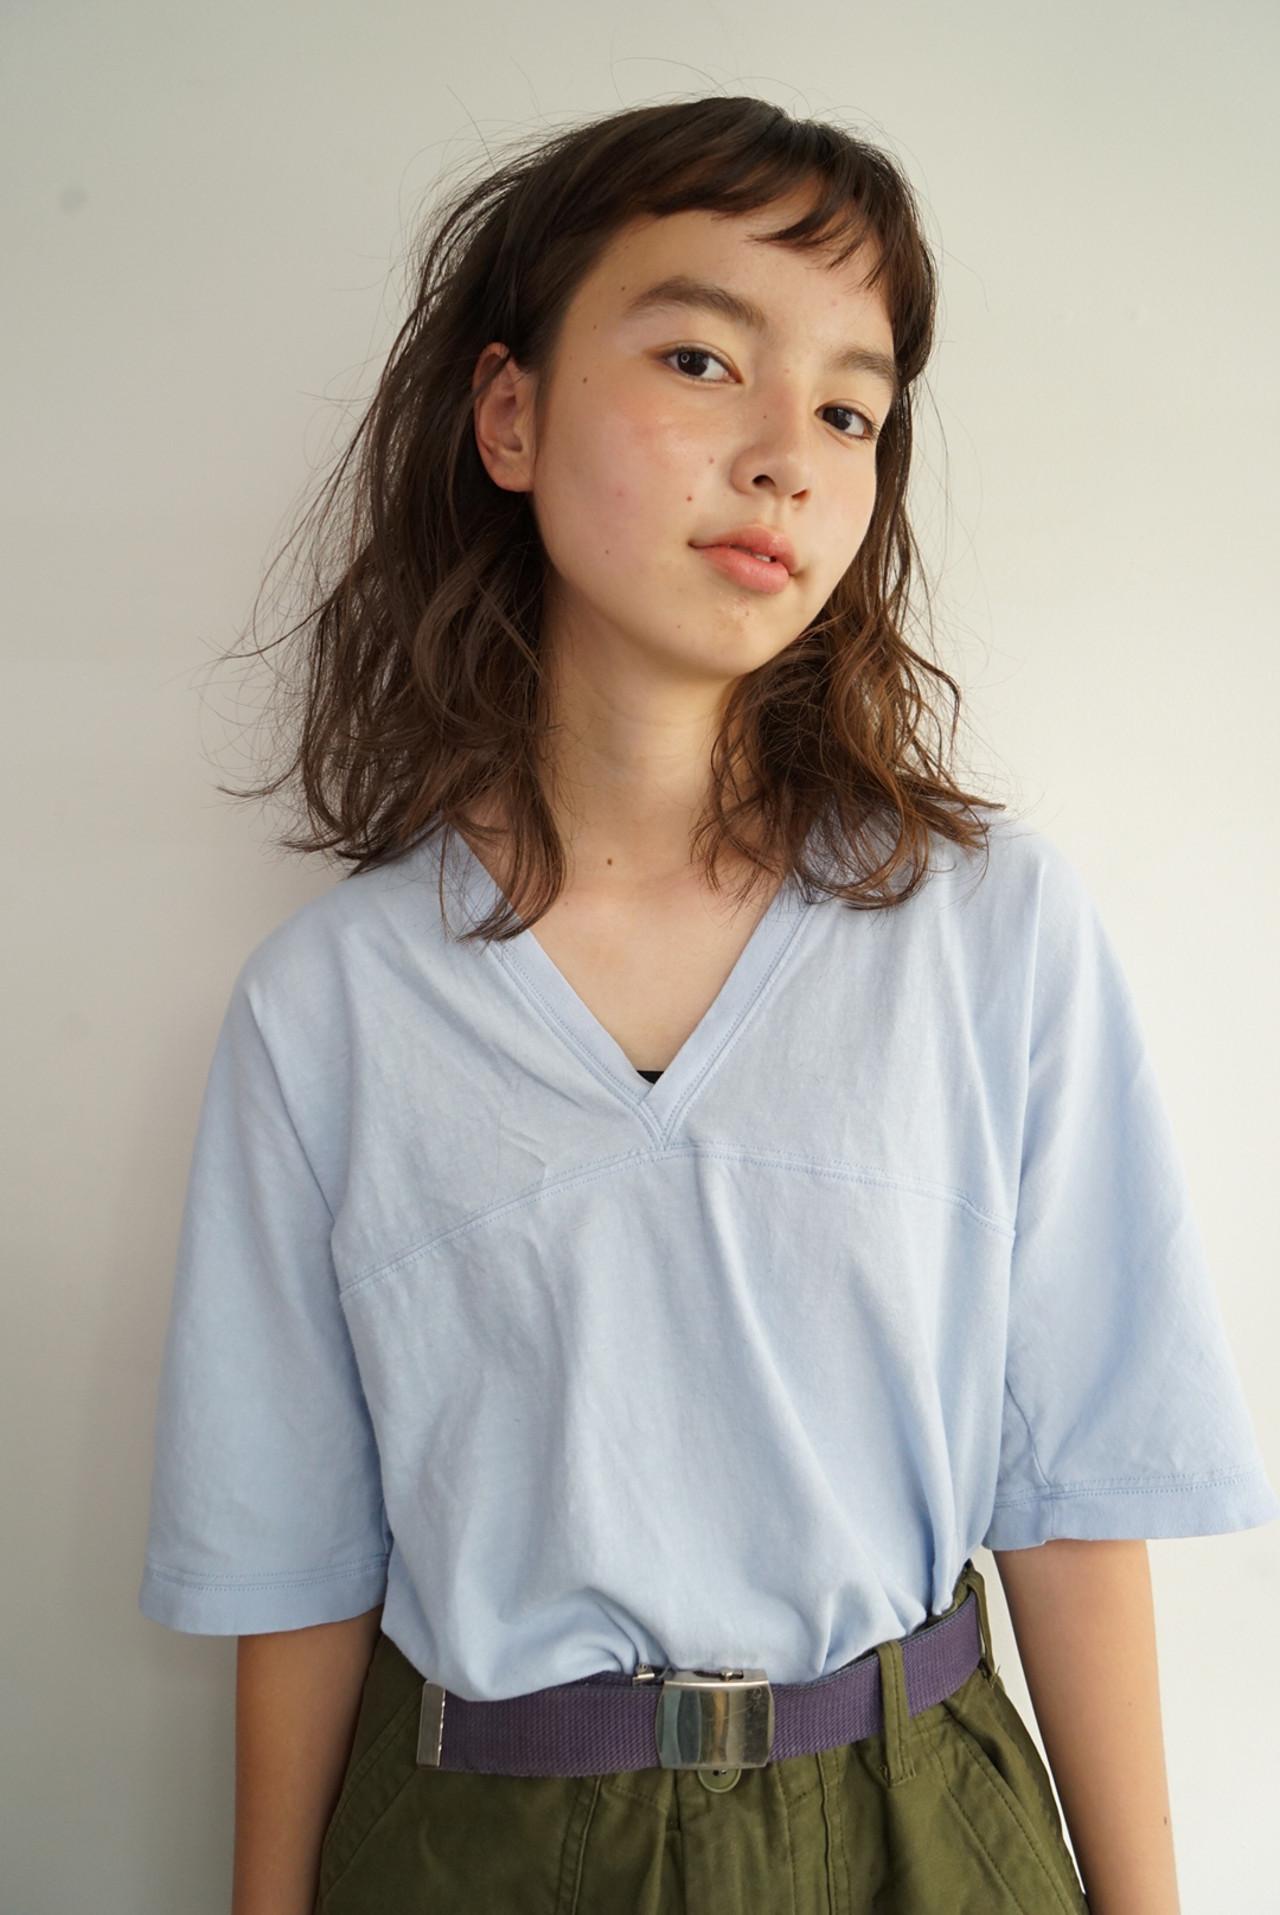 ミディアム 大人可愛い 大人かわいい ナチュラル ヘアスタイルや髪型の写真・画像